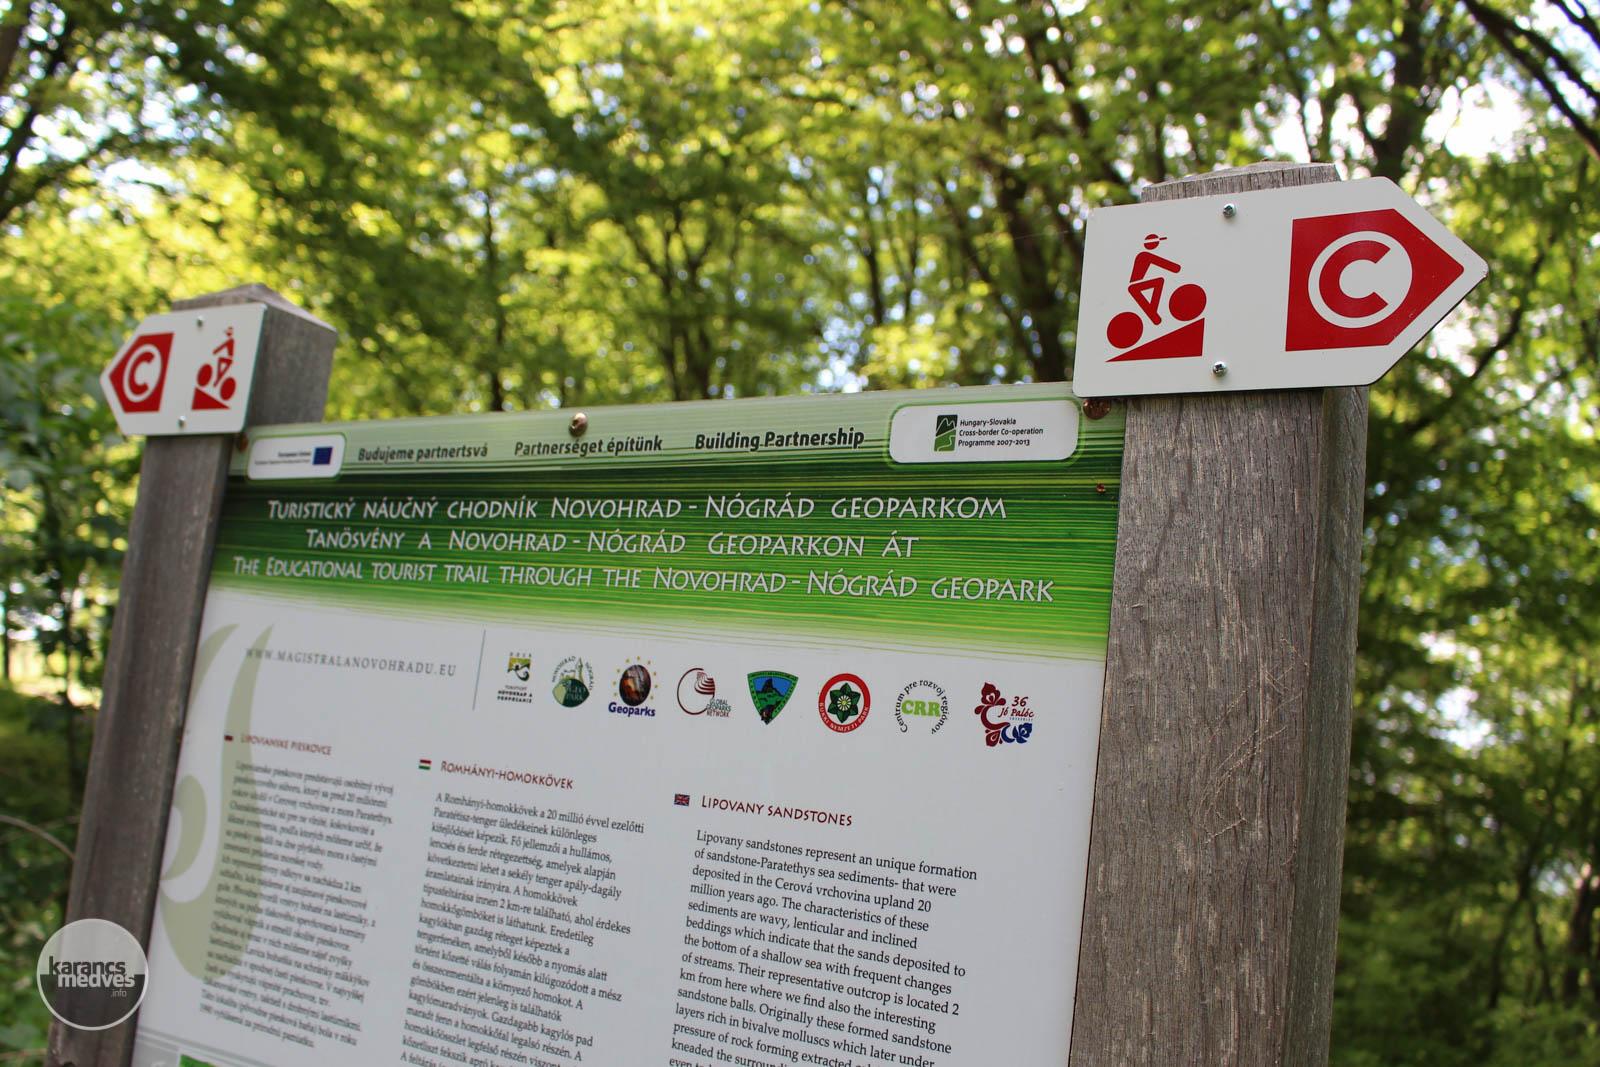 Közép-Európa egyik leghosszabb tanösvénye kanyarog a magyar-szlovák határ nógrádi szakaszán (karancs-medves.info fotó: Kéri István)